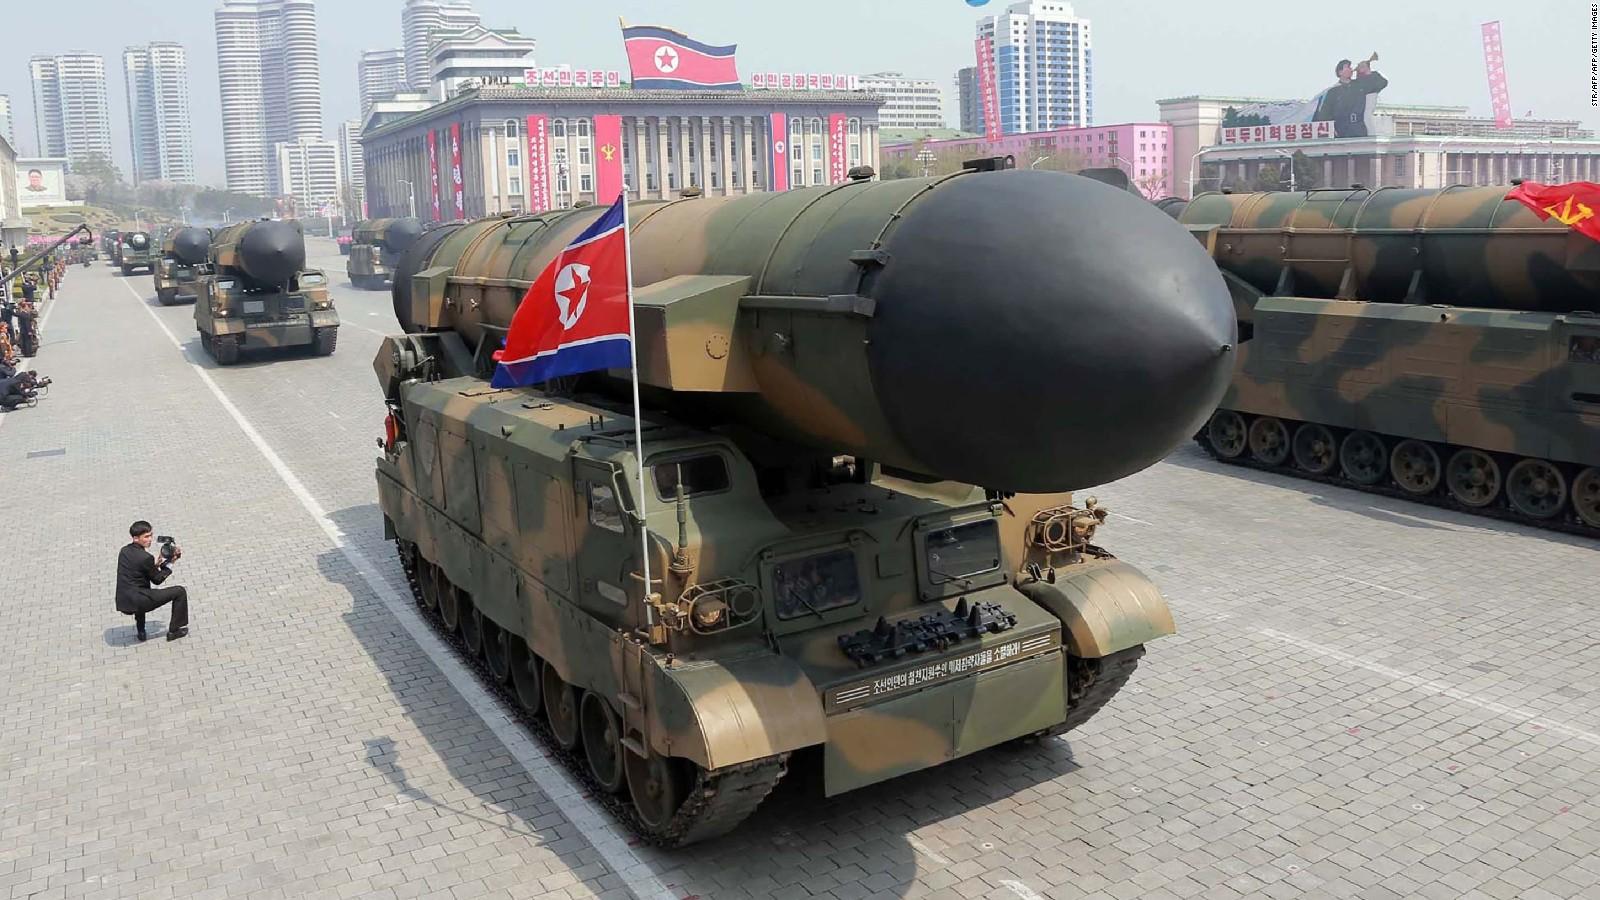 Triều Tiên tuyên bố đầu đạn tên lửa mới bắn rất chính xác - 2